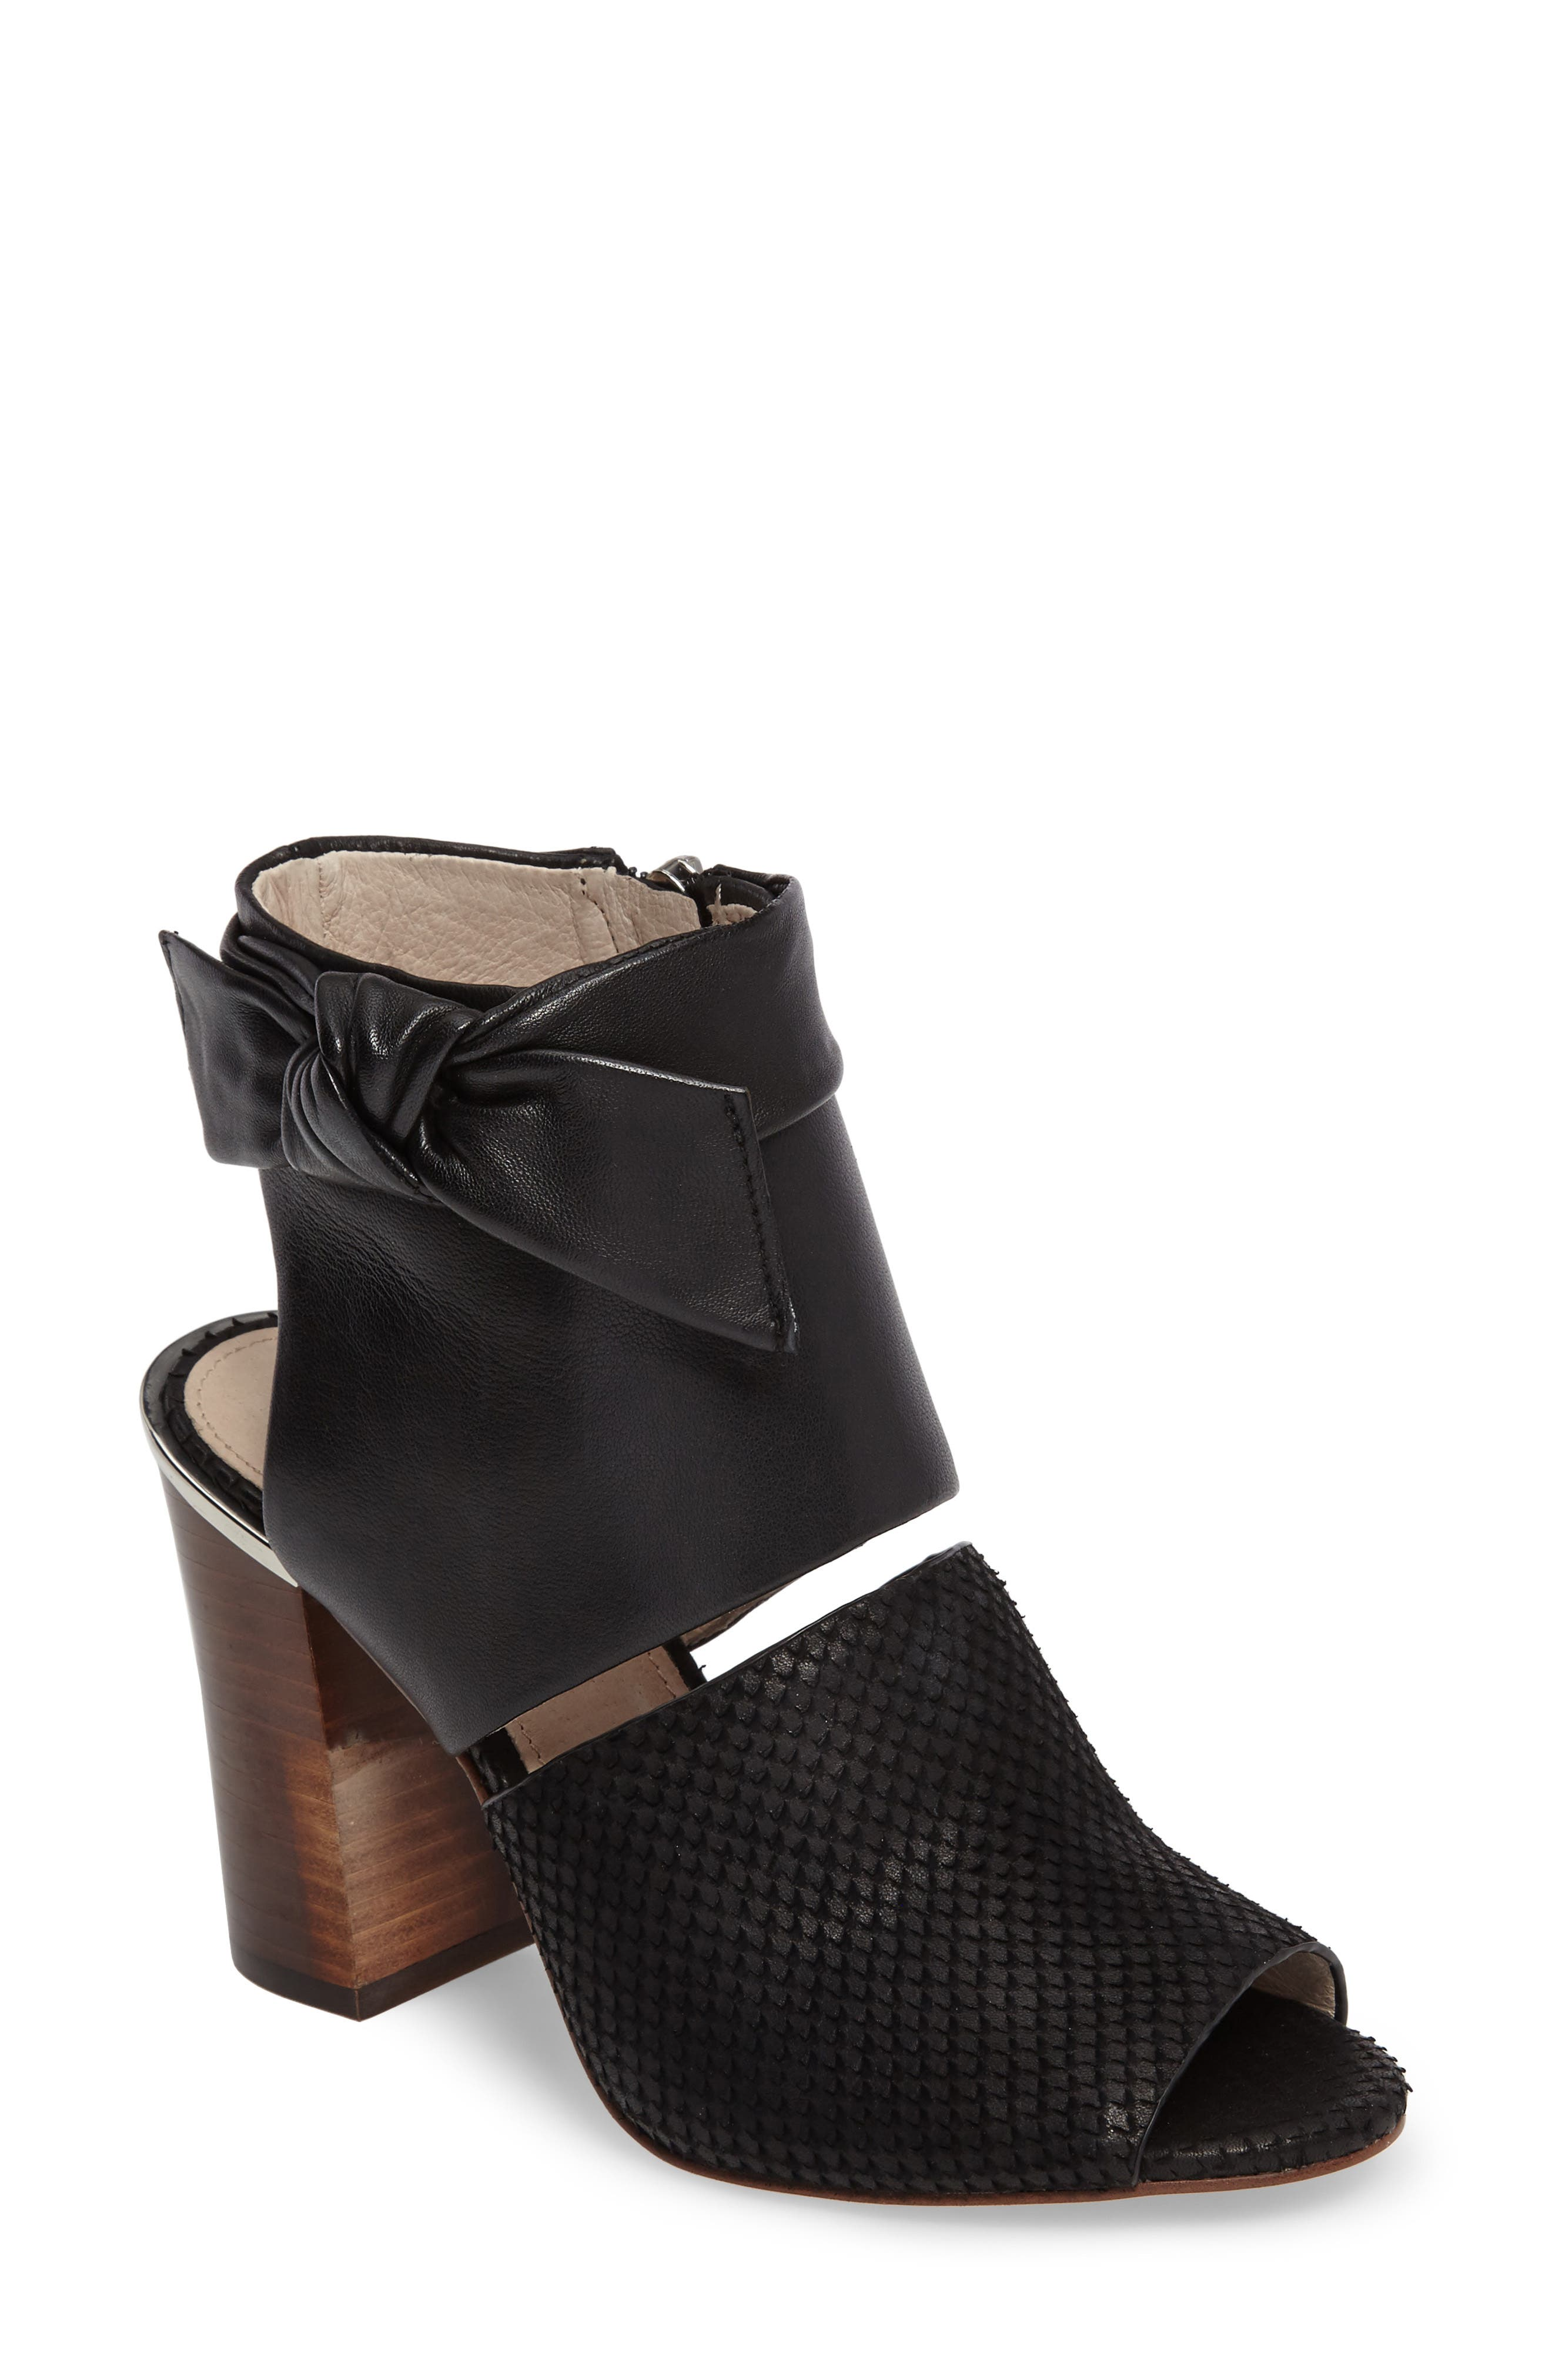 Louise et Cit Katlin Block Heel Sandal,                         Main,                         color, 001